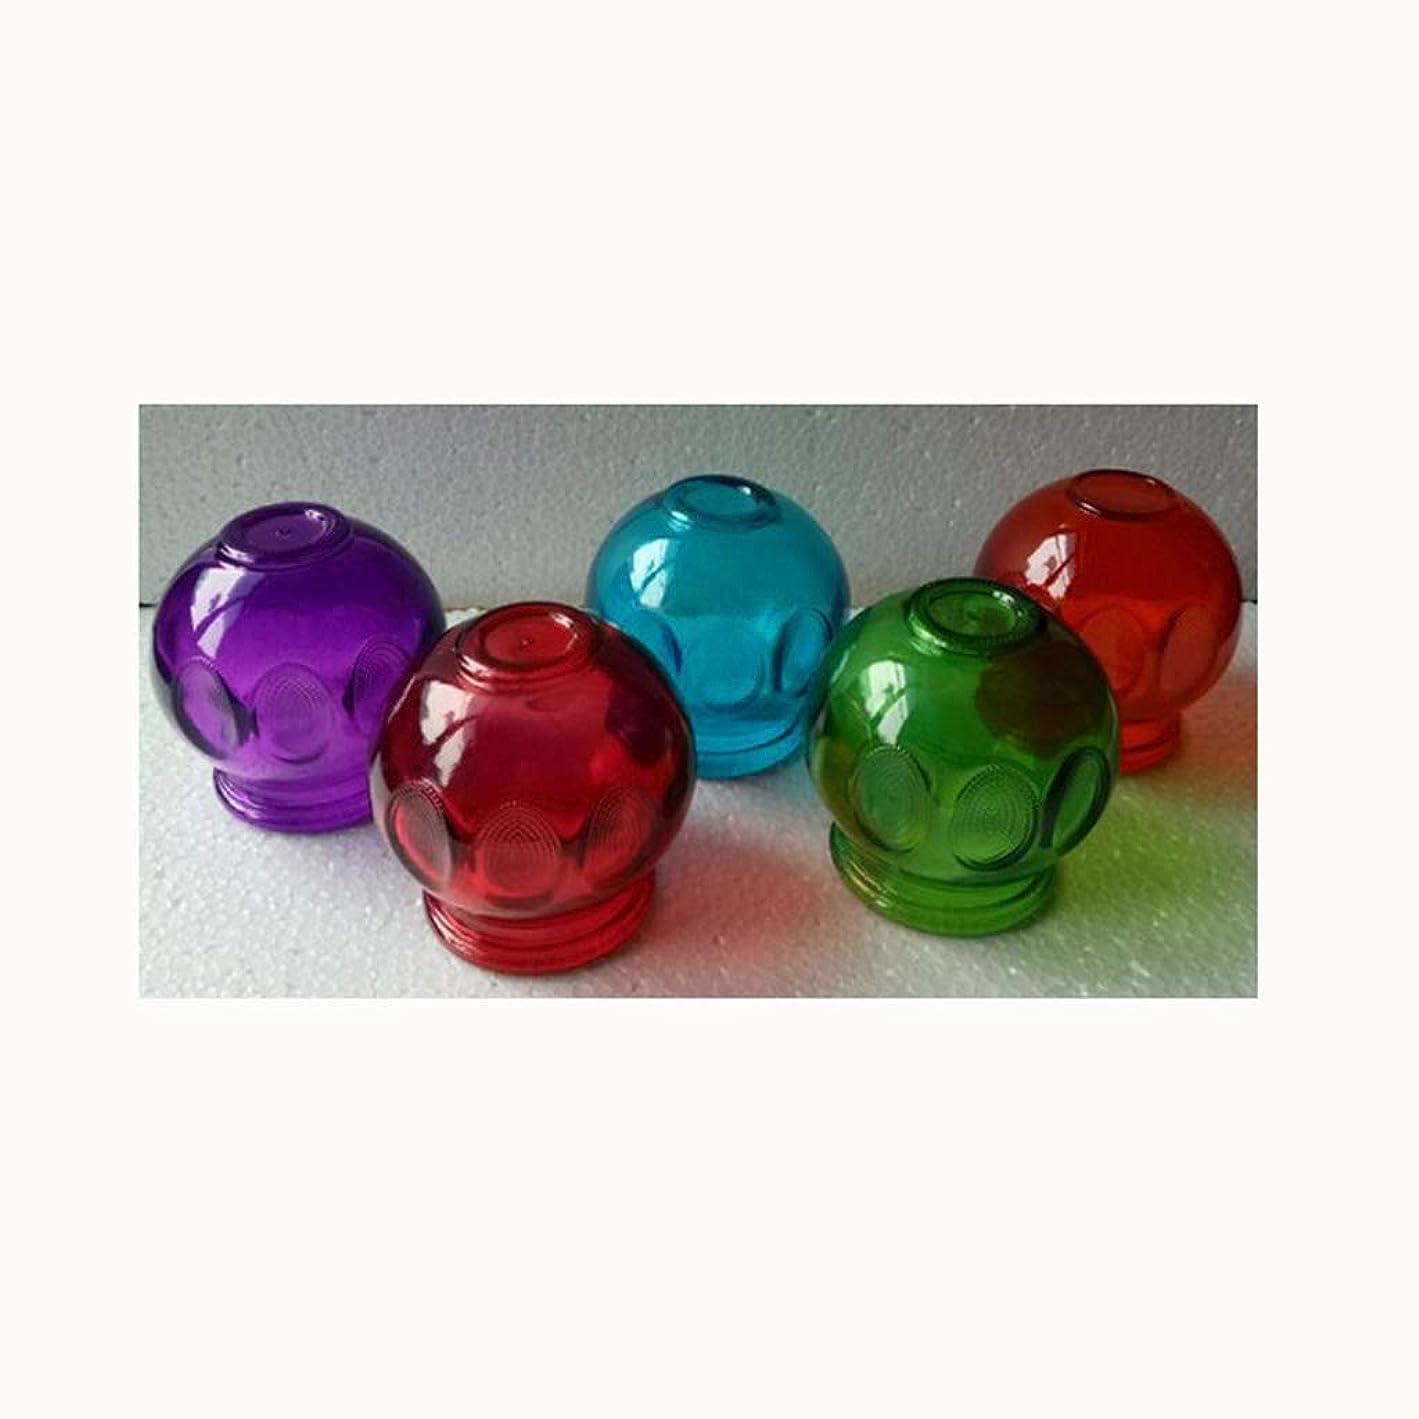 スタッフ人類負荷5pcs伝統的な中国の手作り5色のガラスのカッピングは、火のカッピングを設定する